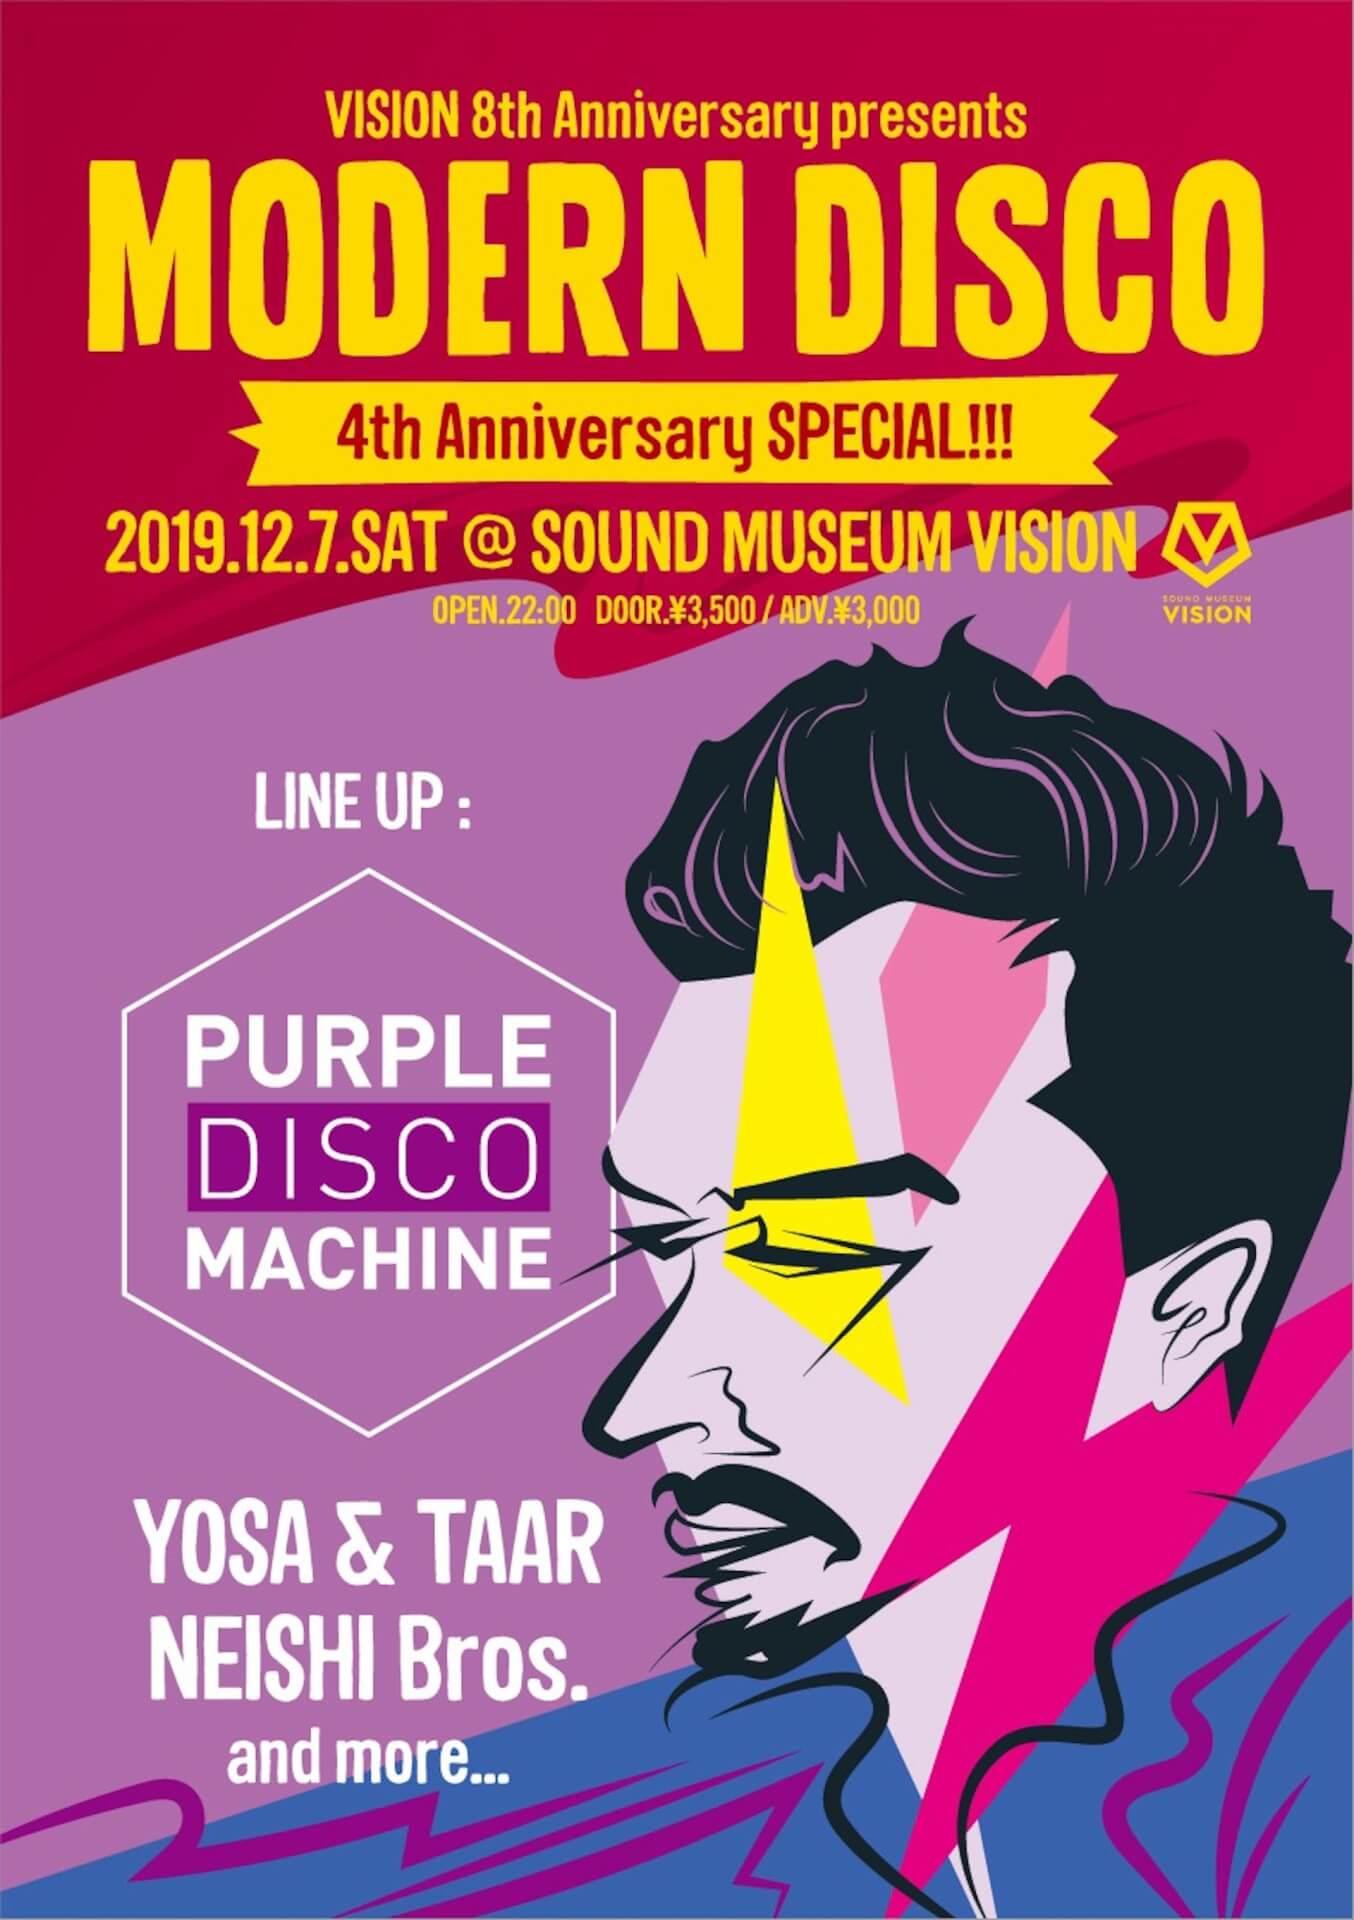 ストリートなイベント【東京】渋谷SOUND MUSEUM VISION8周年アニバーサリーパーティー『MODERN DISCO』 東京のディスコ/ハウスシーンを代表する大人気パーティー!